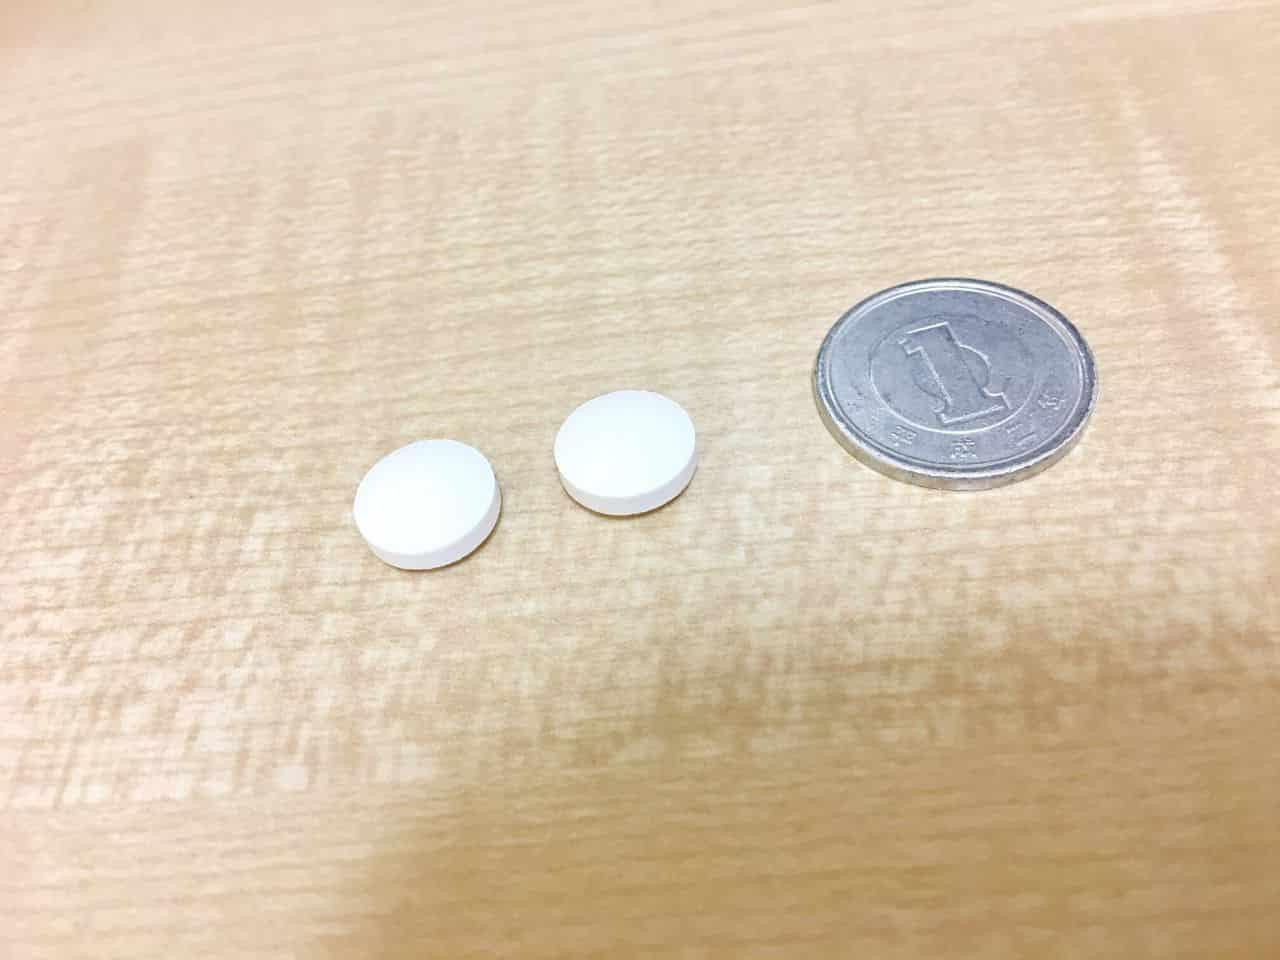 コリホグスの錠剤と一円玉